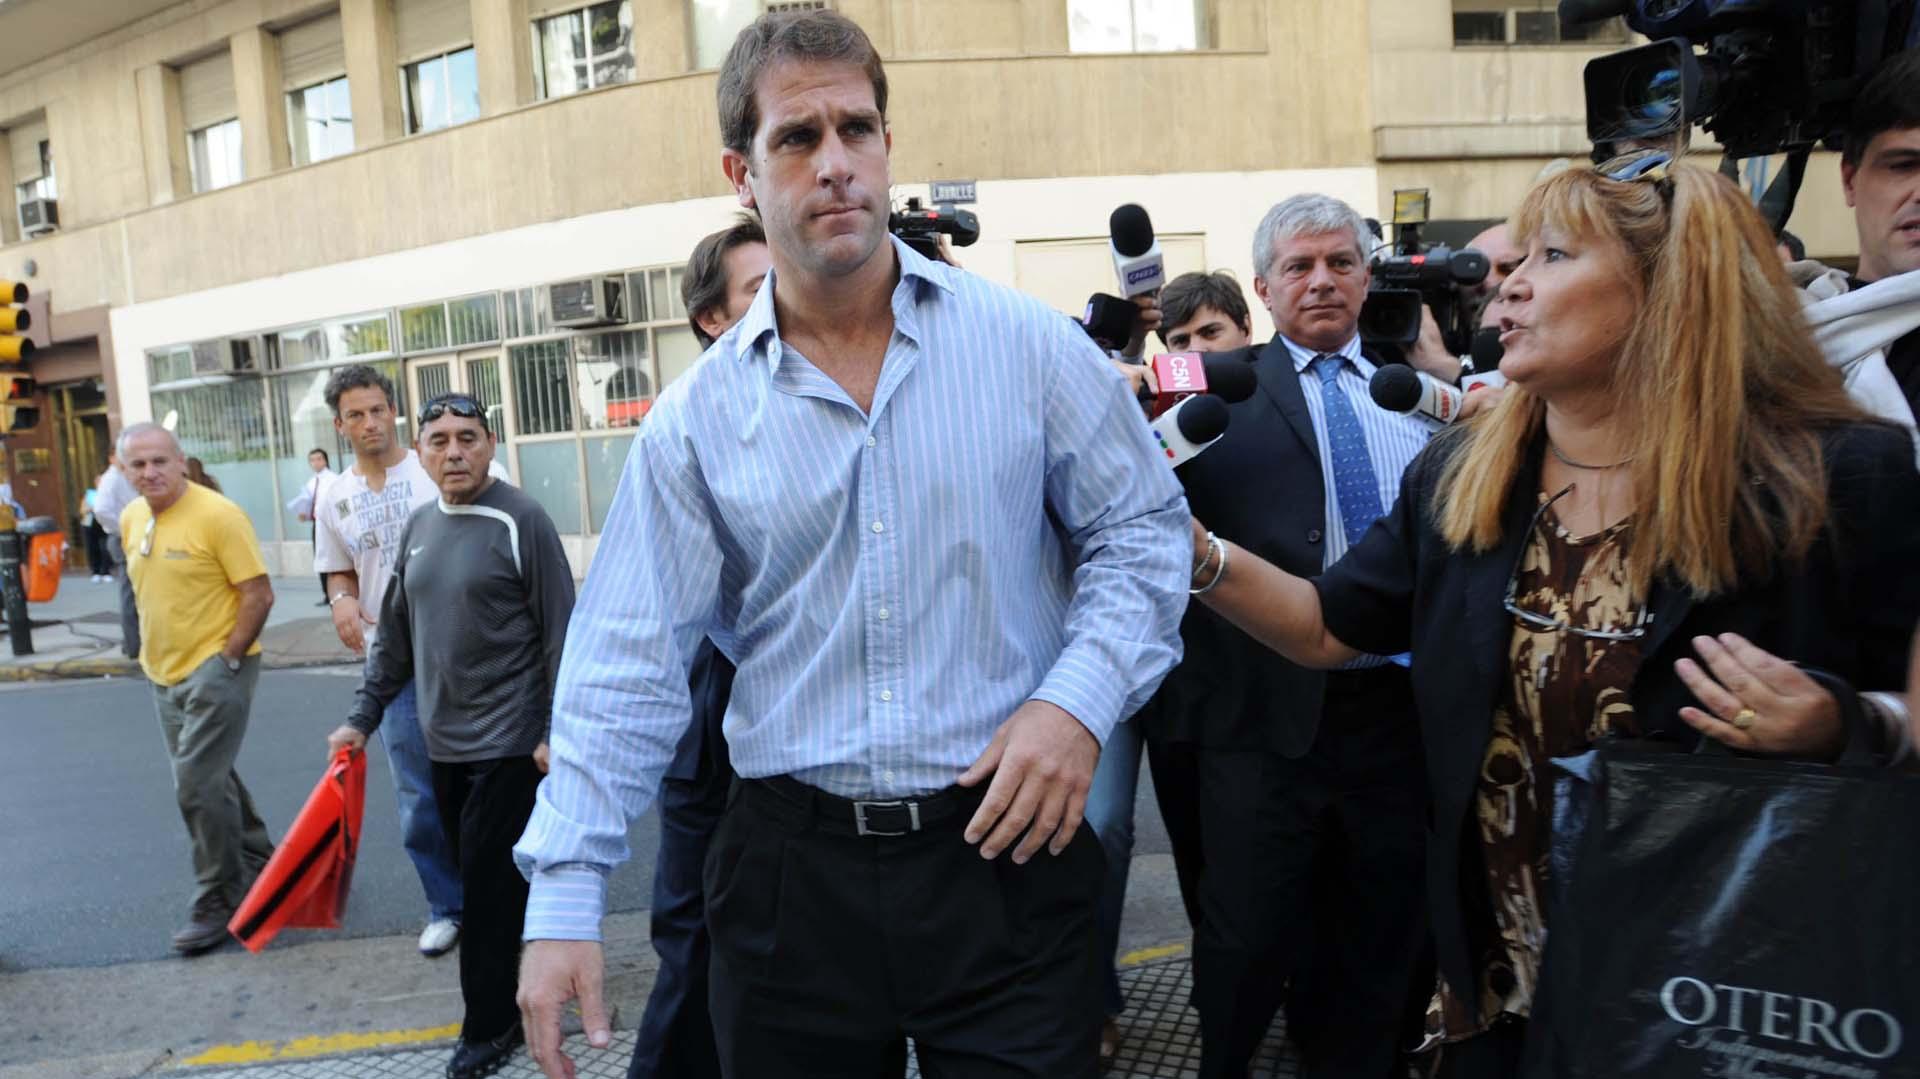 La Corte Suprema de Justicia dejó firme la condena a 12 años de prisión del ex barra brava de River Plate Alan Schlenker por el homicidio de un supuesto vendedor de drogas